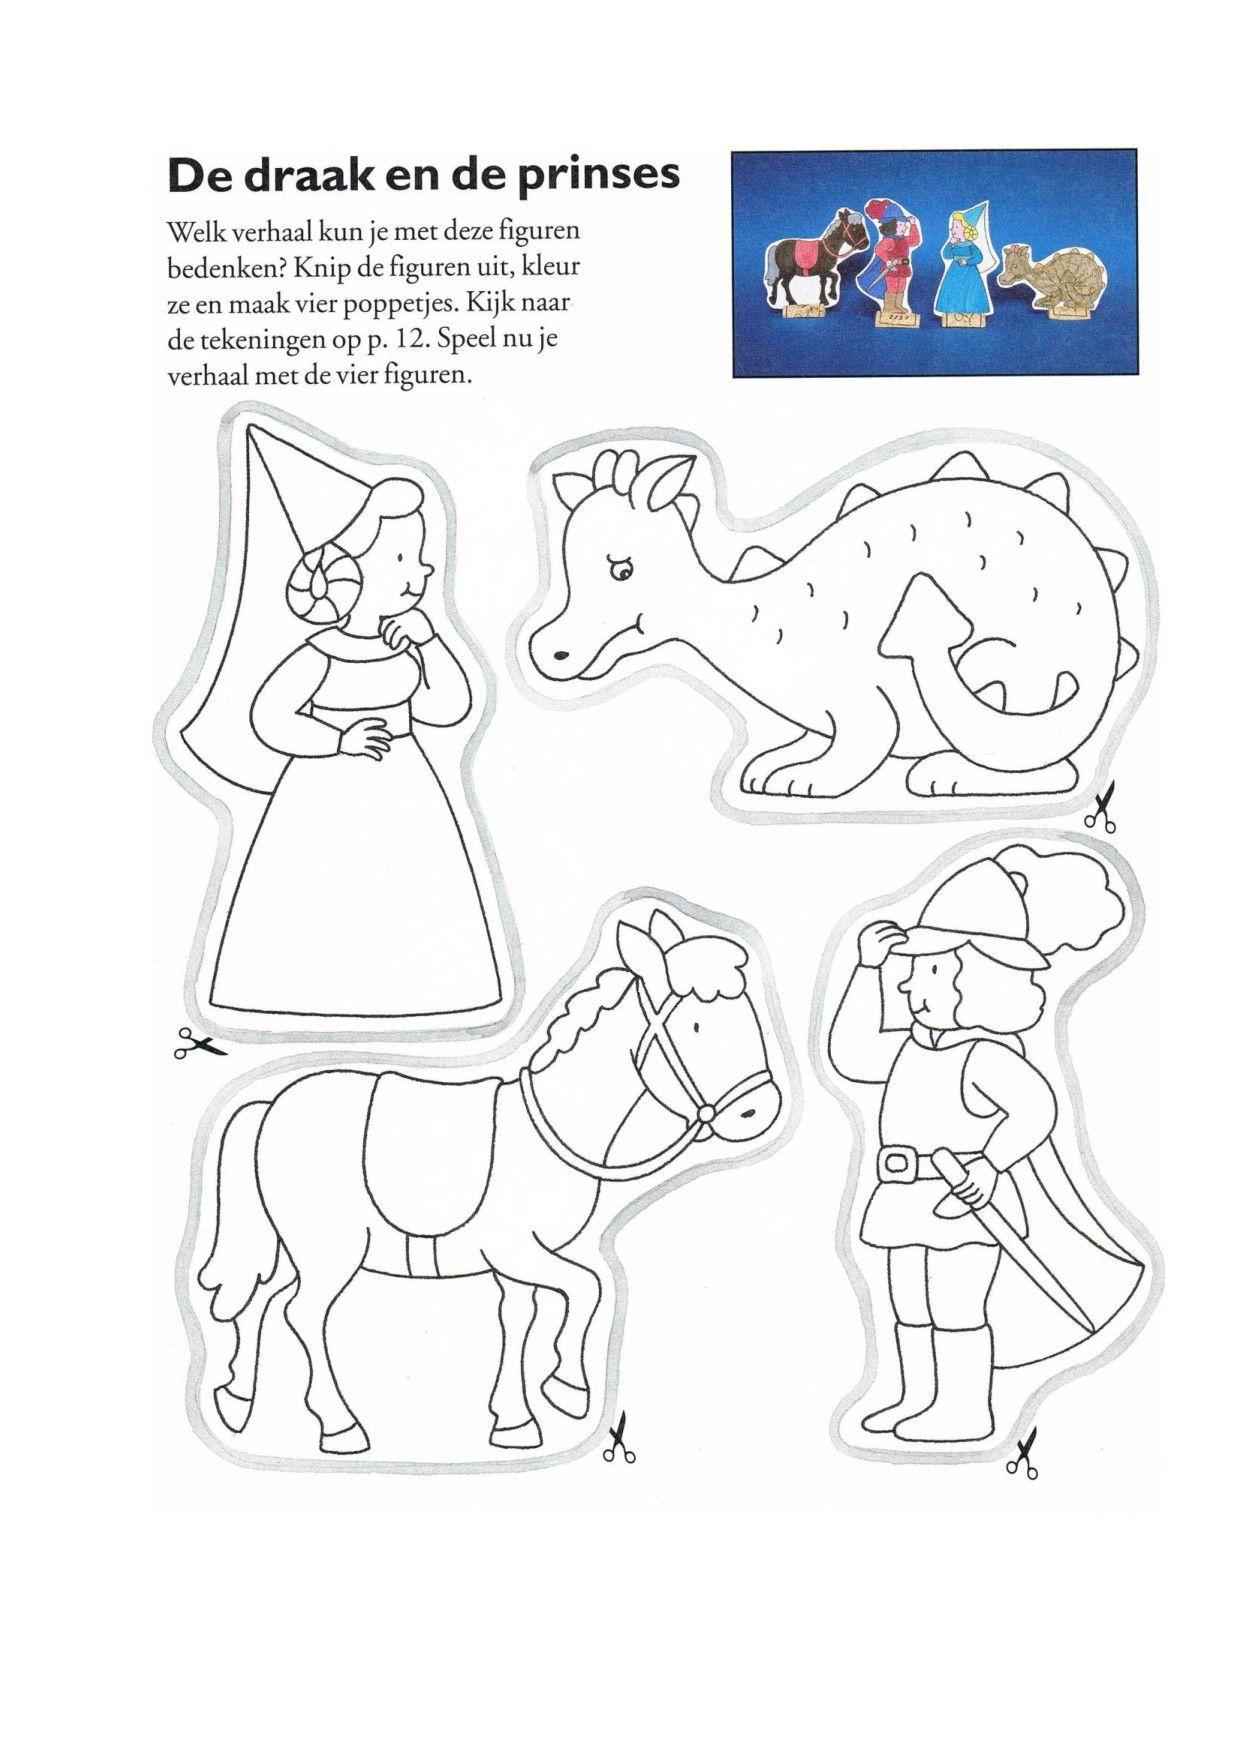 vingerpoppetjes draak paard prins en prinses